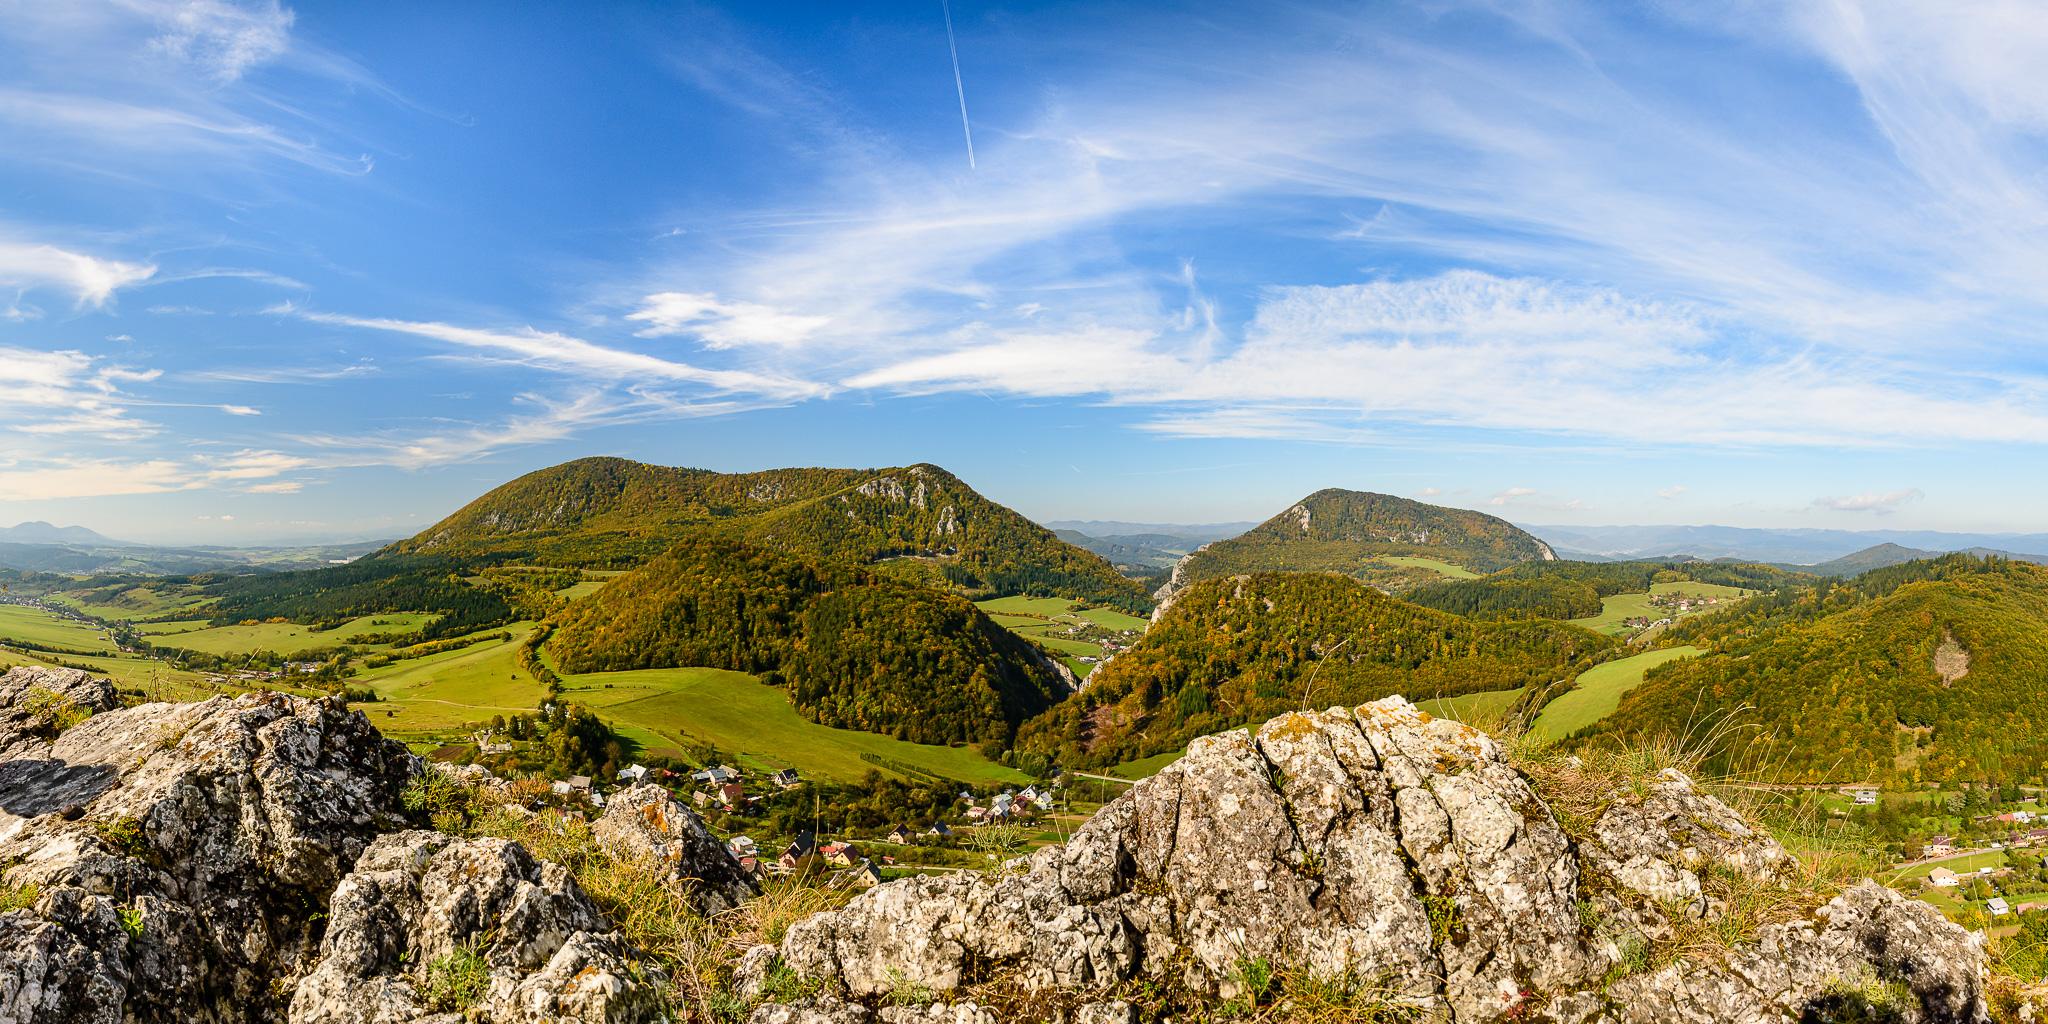 Bosmany view, Slovakia (Slovak Republic)